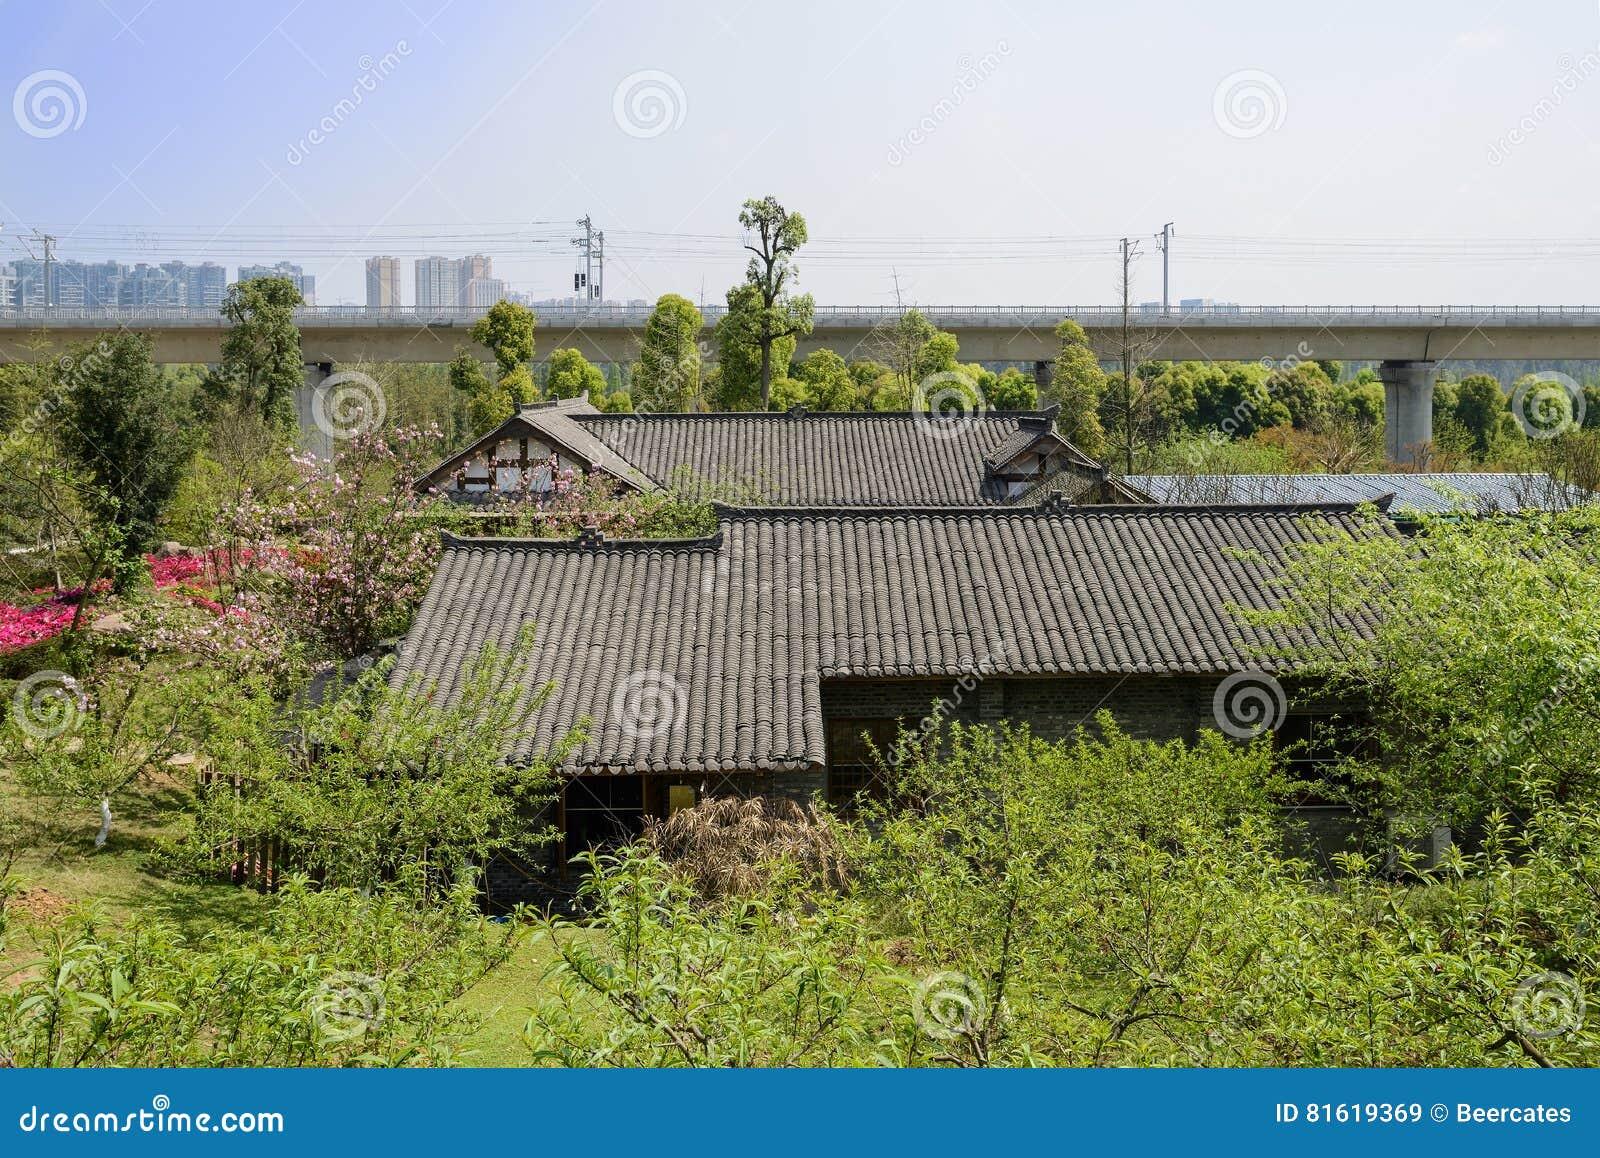 Case Tradizionali Cinesi : Case tradizionali cinesi nel frutteto di primavera vicino al ponte